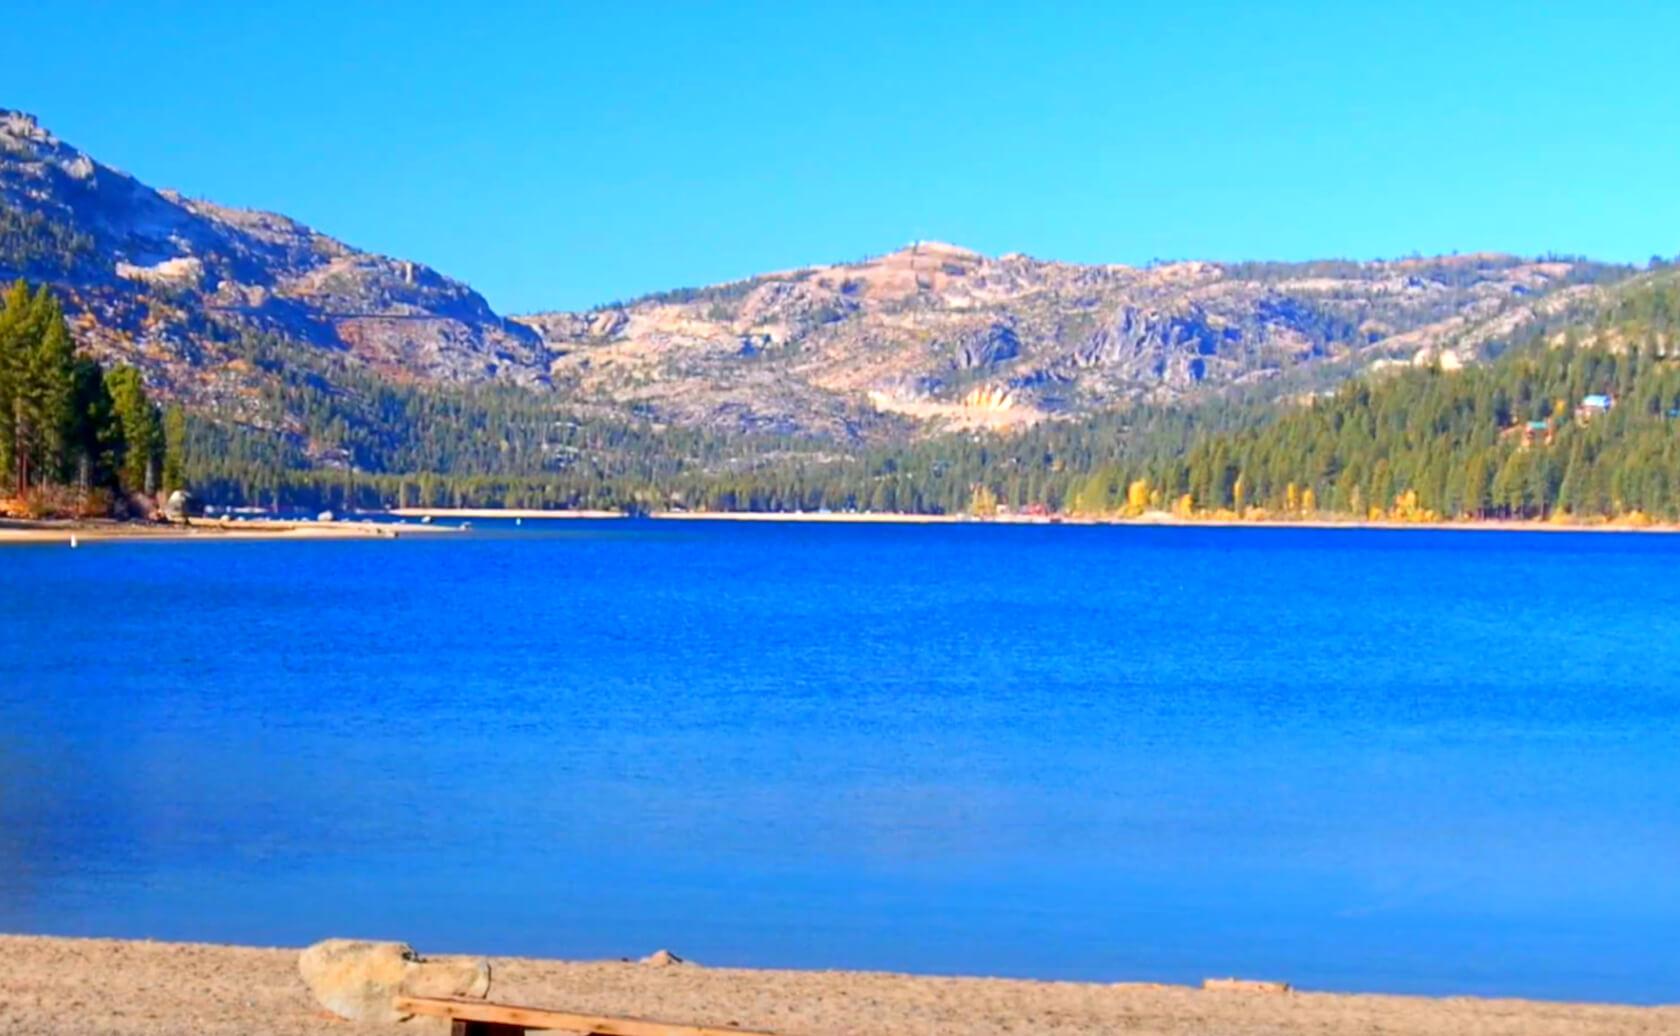 Donner-Lake-Fishing-Guide-Report-California-06